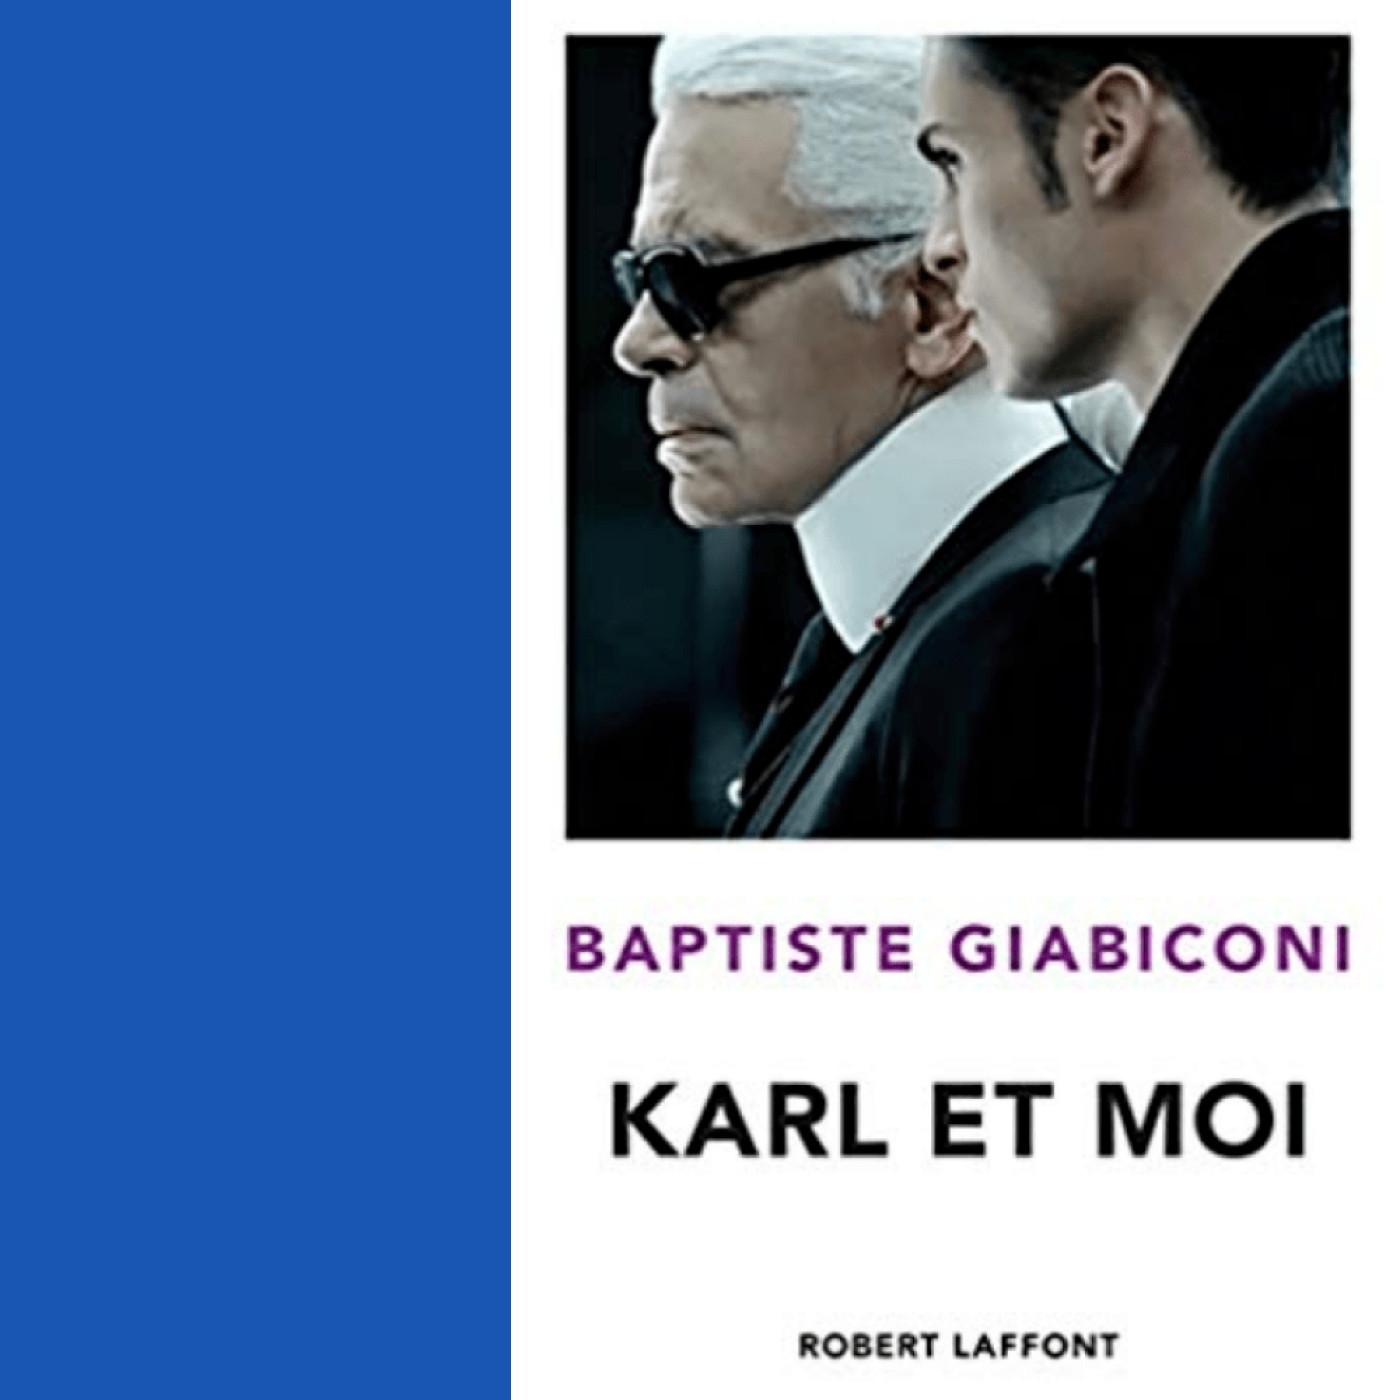 Karl et moi (extrait du livre de Baptiste GIABICONI)